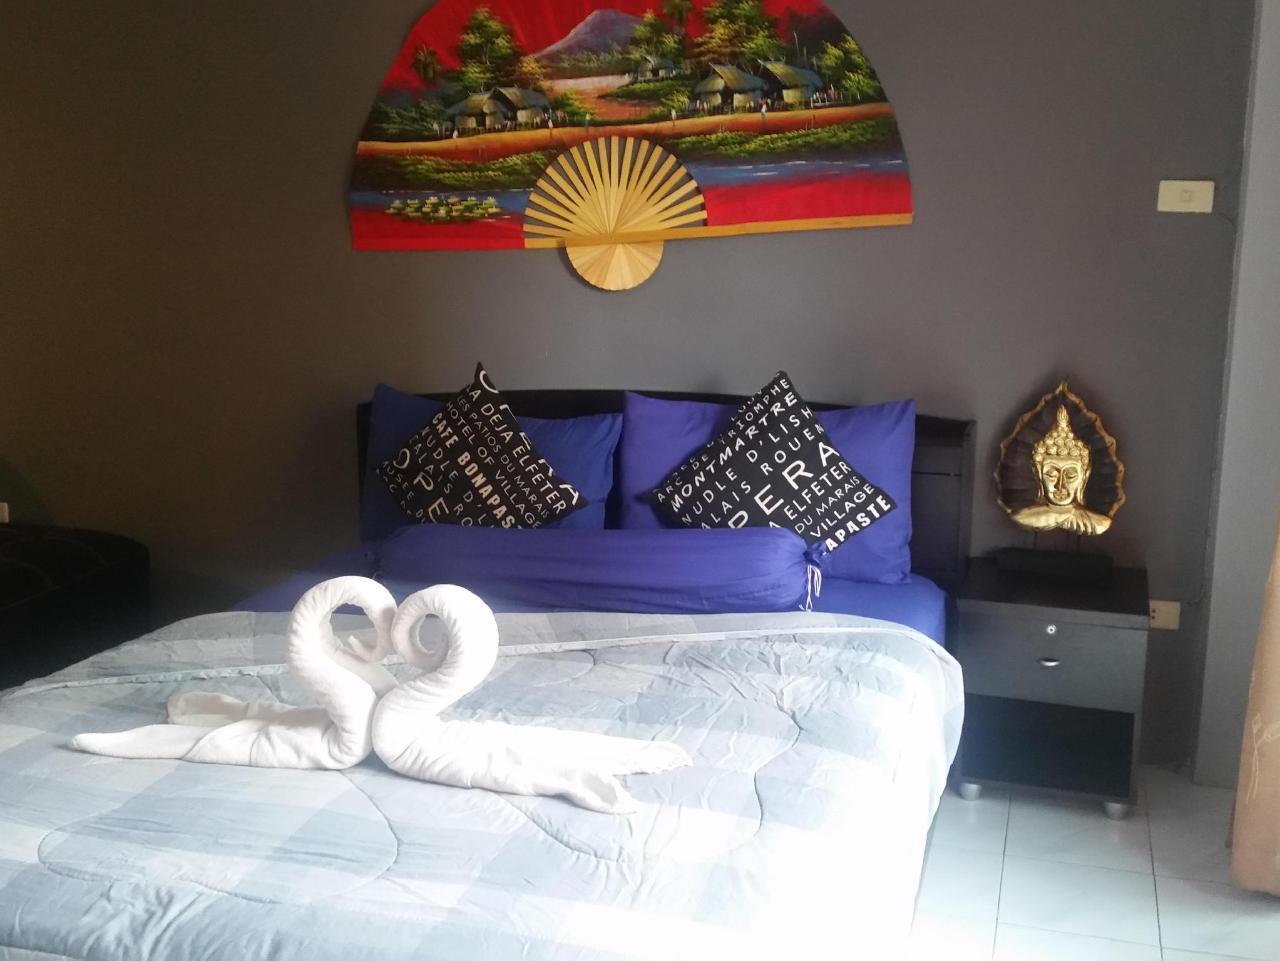 เนมอส เกสต์เฮาส์ แอนด์ มาสซาจ (Nemos Guesthouse and Massage)